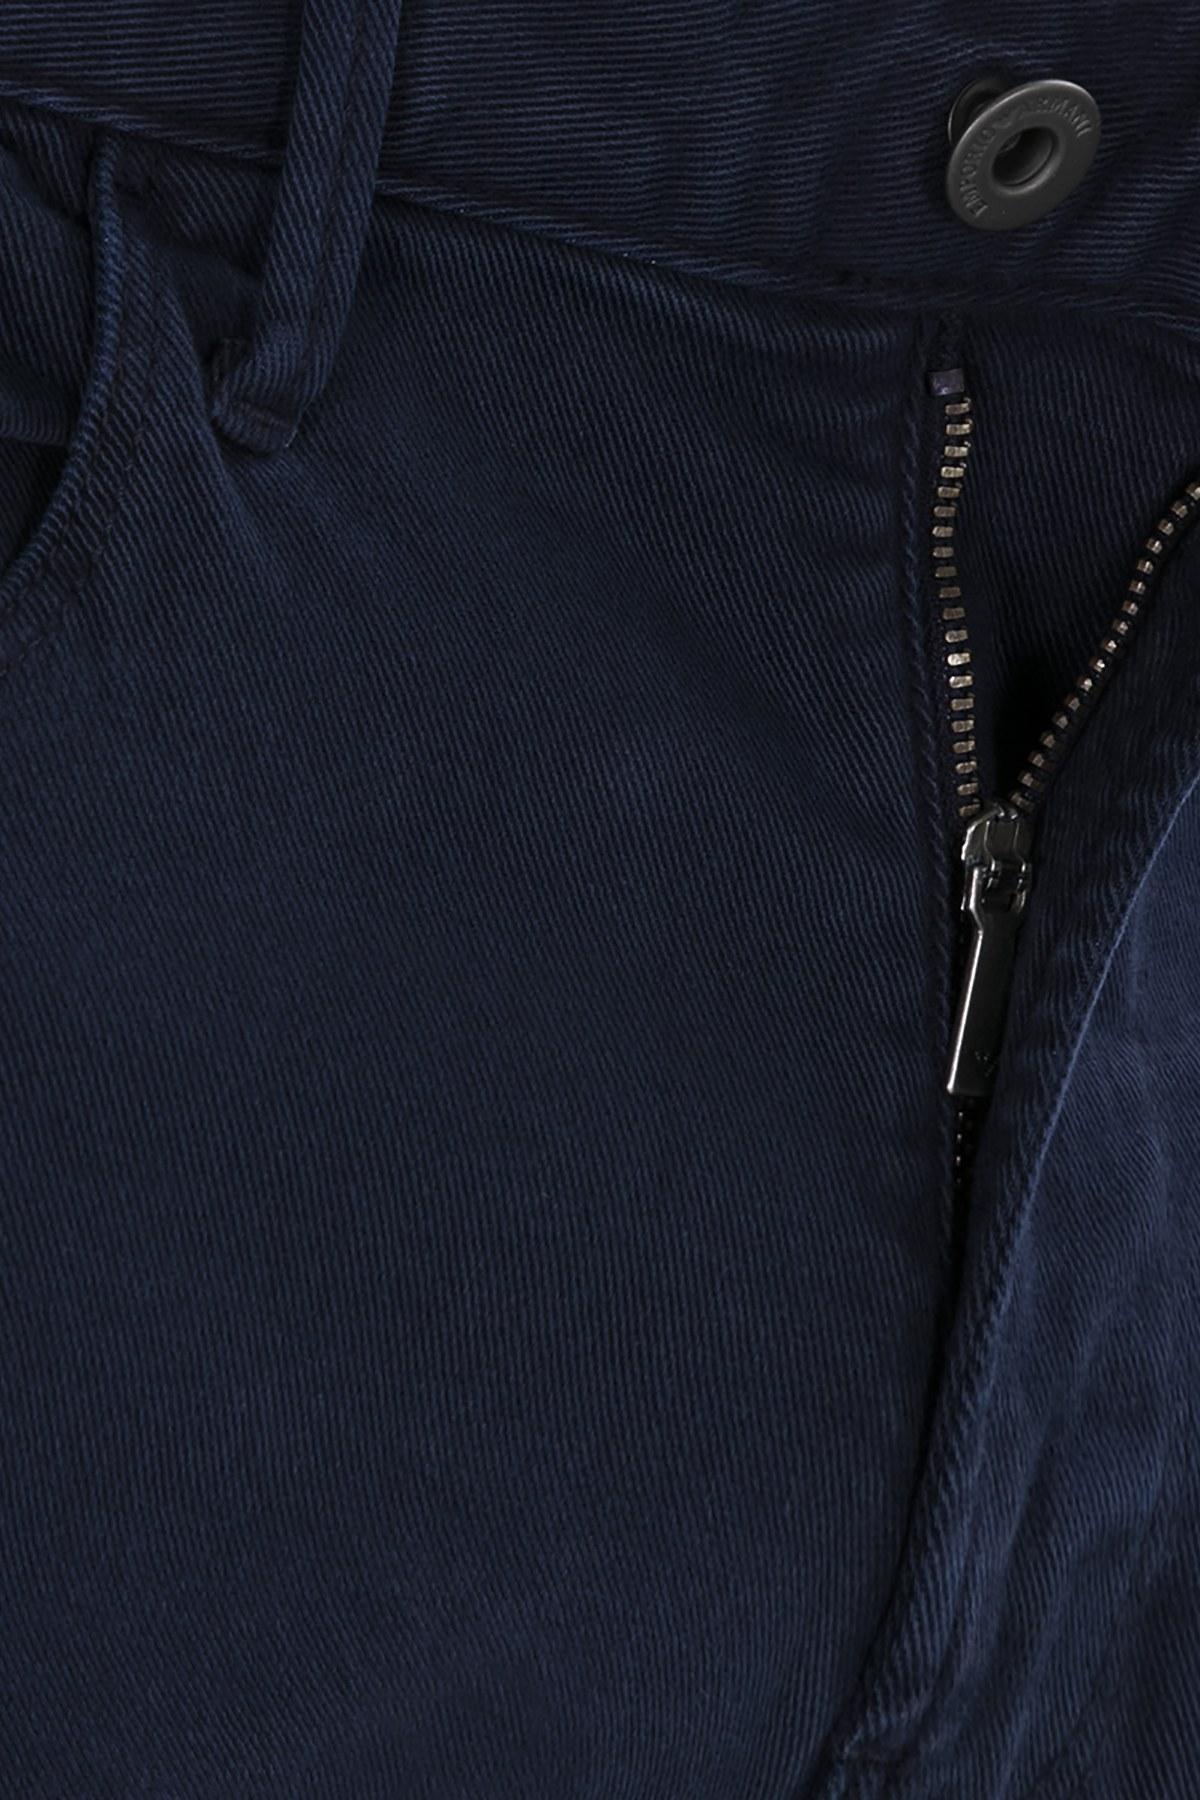 EMPORIO ARMANI J06 JEANS Erkek Pamuklu Pantolon 6Z1J06 1N2BZ 0940 LACİVERT